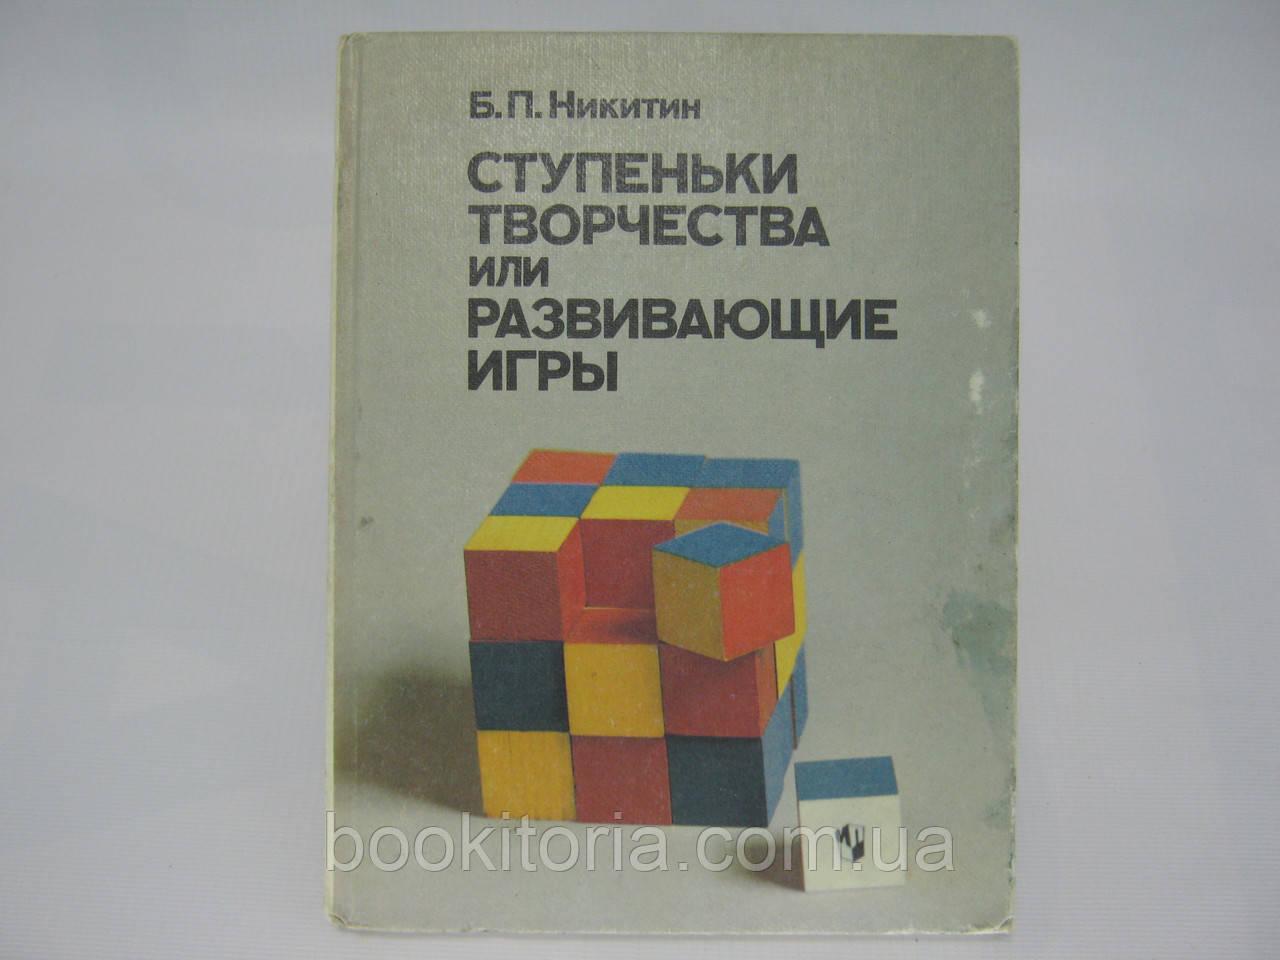 Никитин Б.П. Ступеньки творчества или, развивающие игры (б/у).